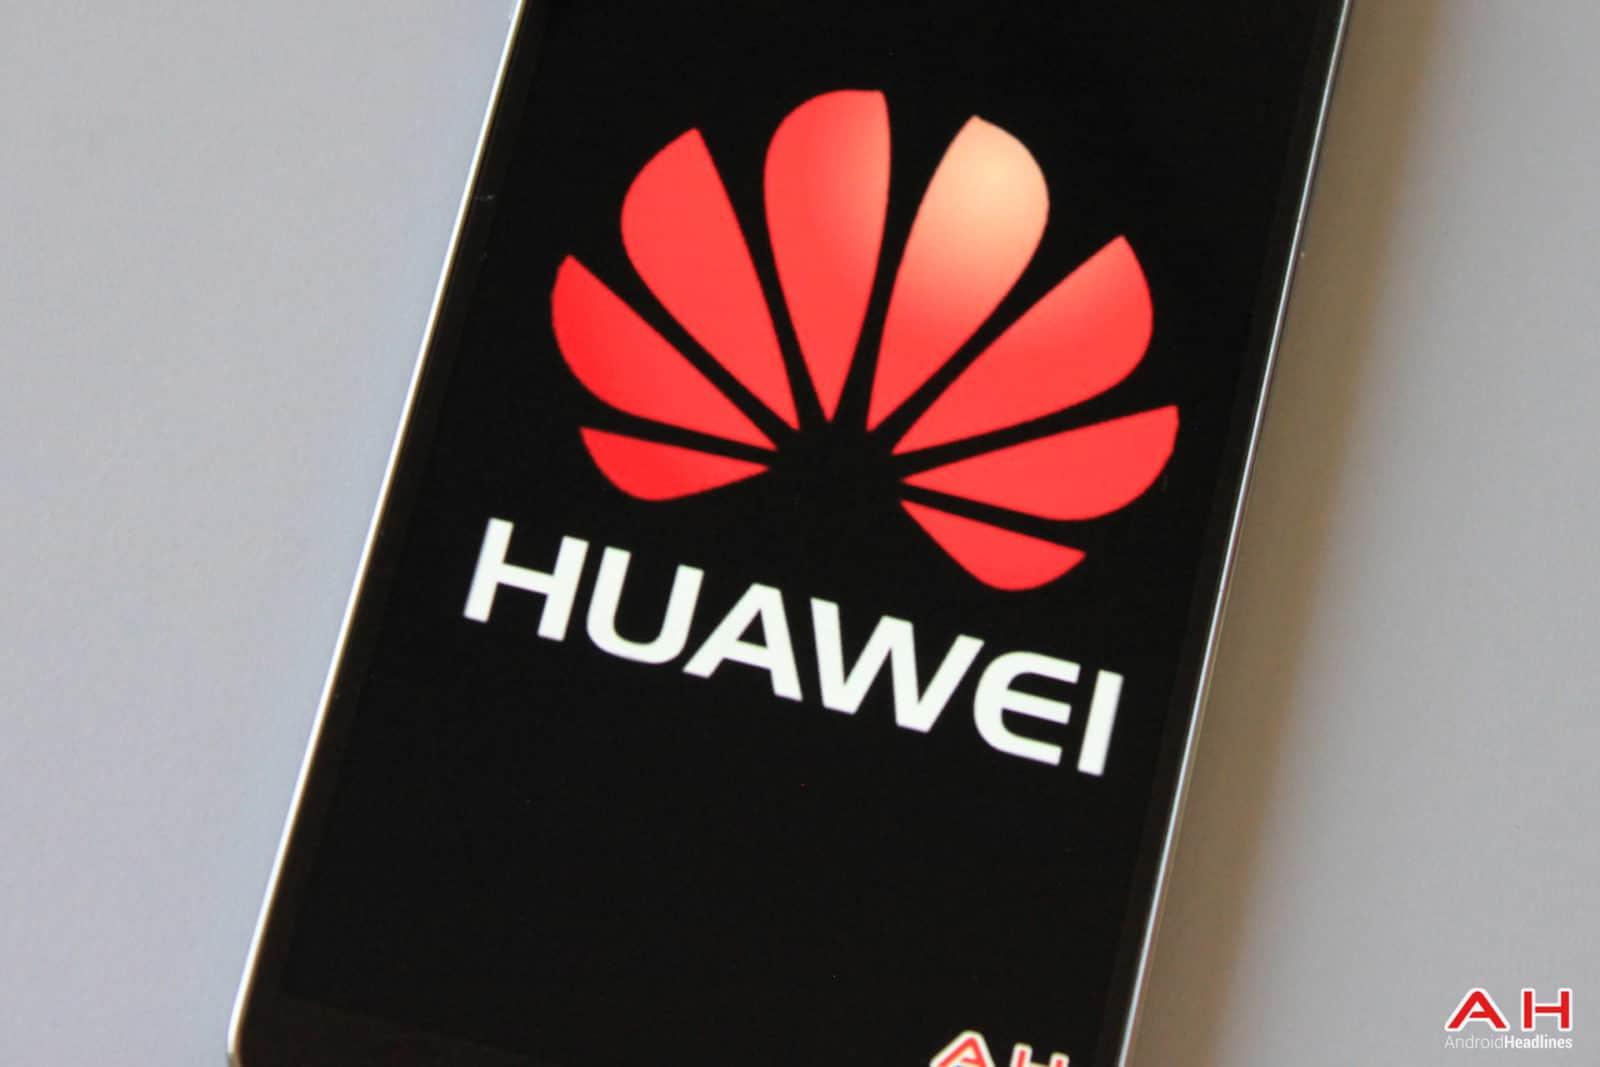 AH Huawei Logo 1.1